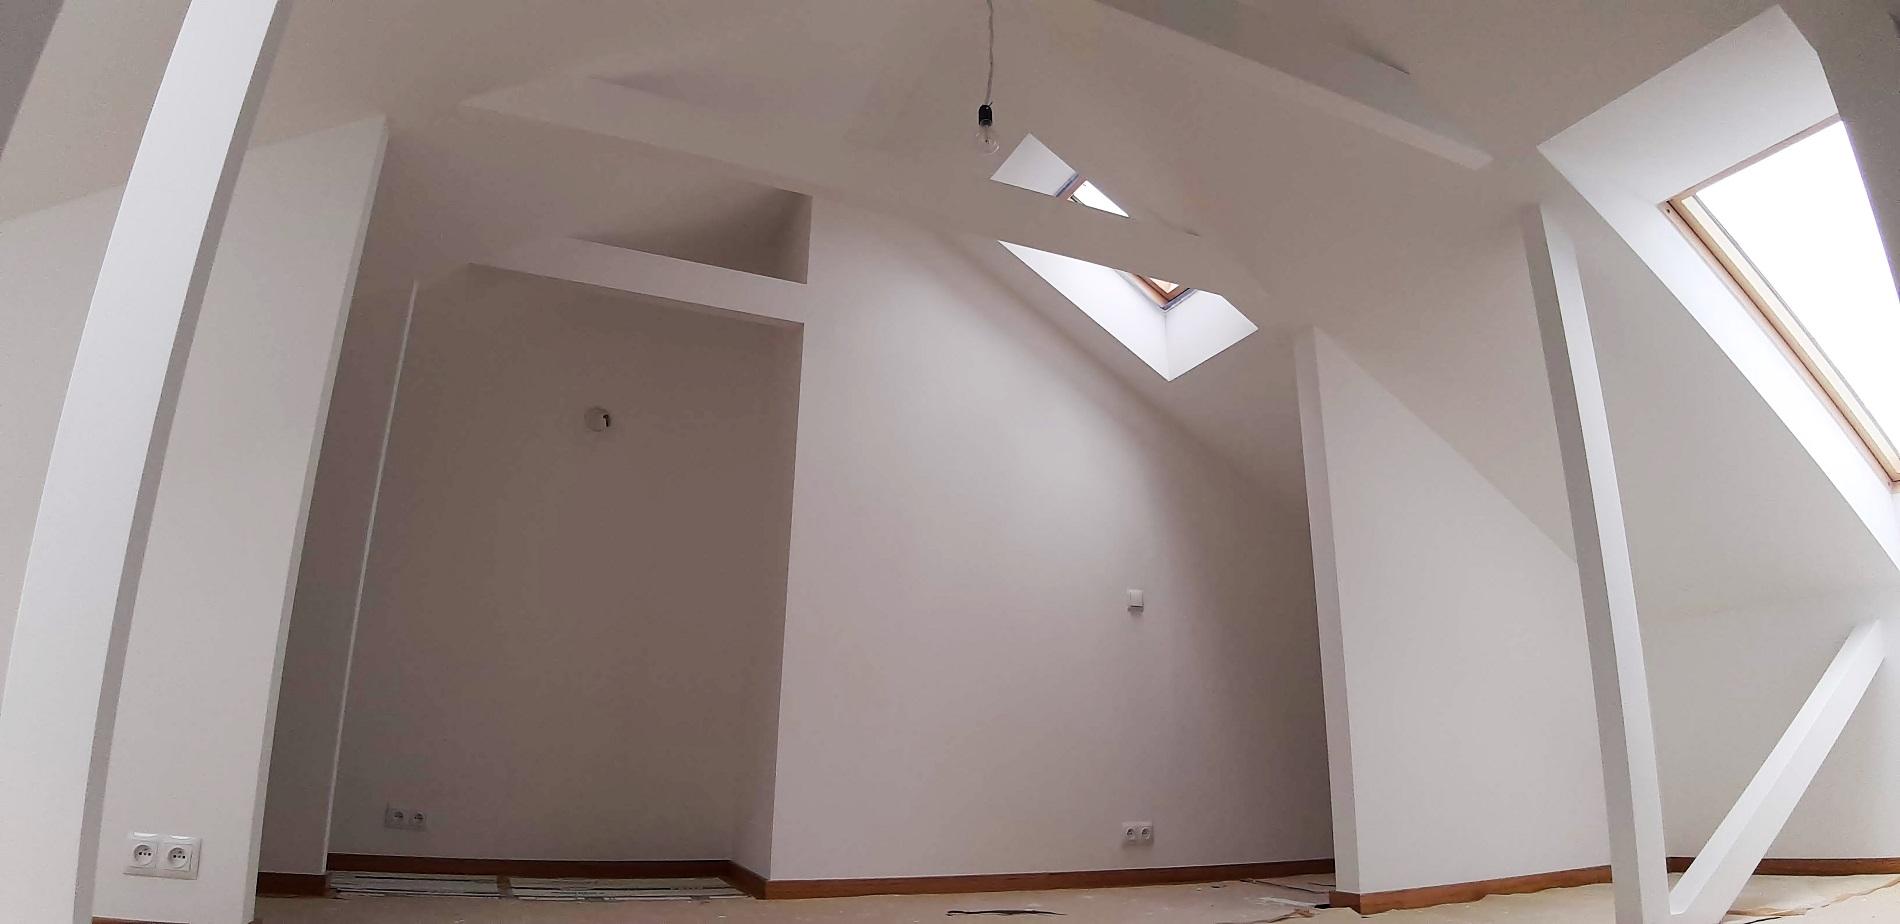 projekt architektoniczny domu we Wrocławiu - projektowanie wnętrz Prima Wrocław (1)